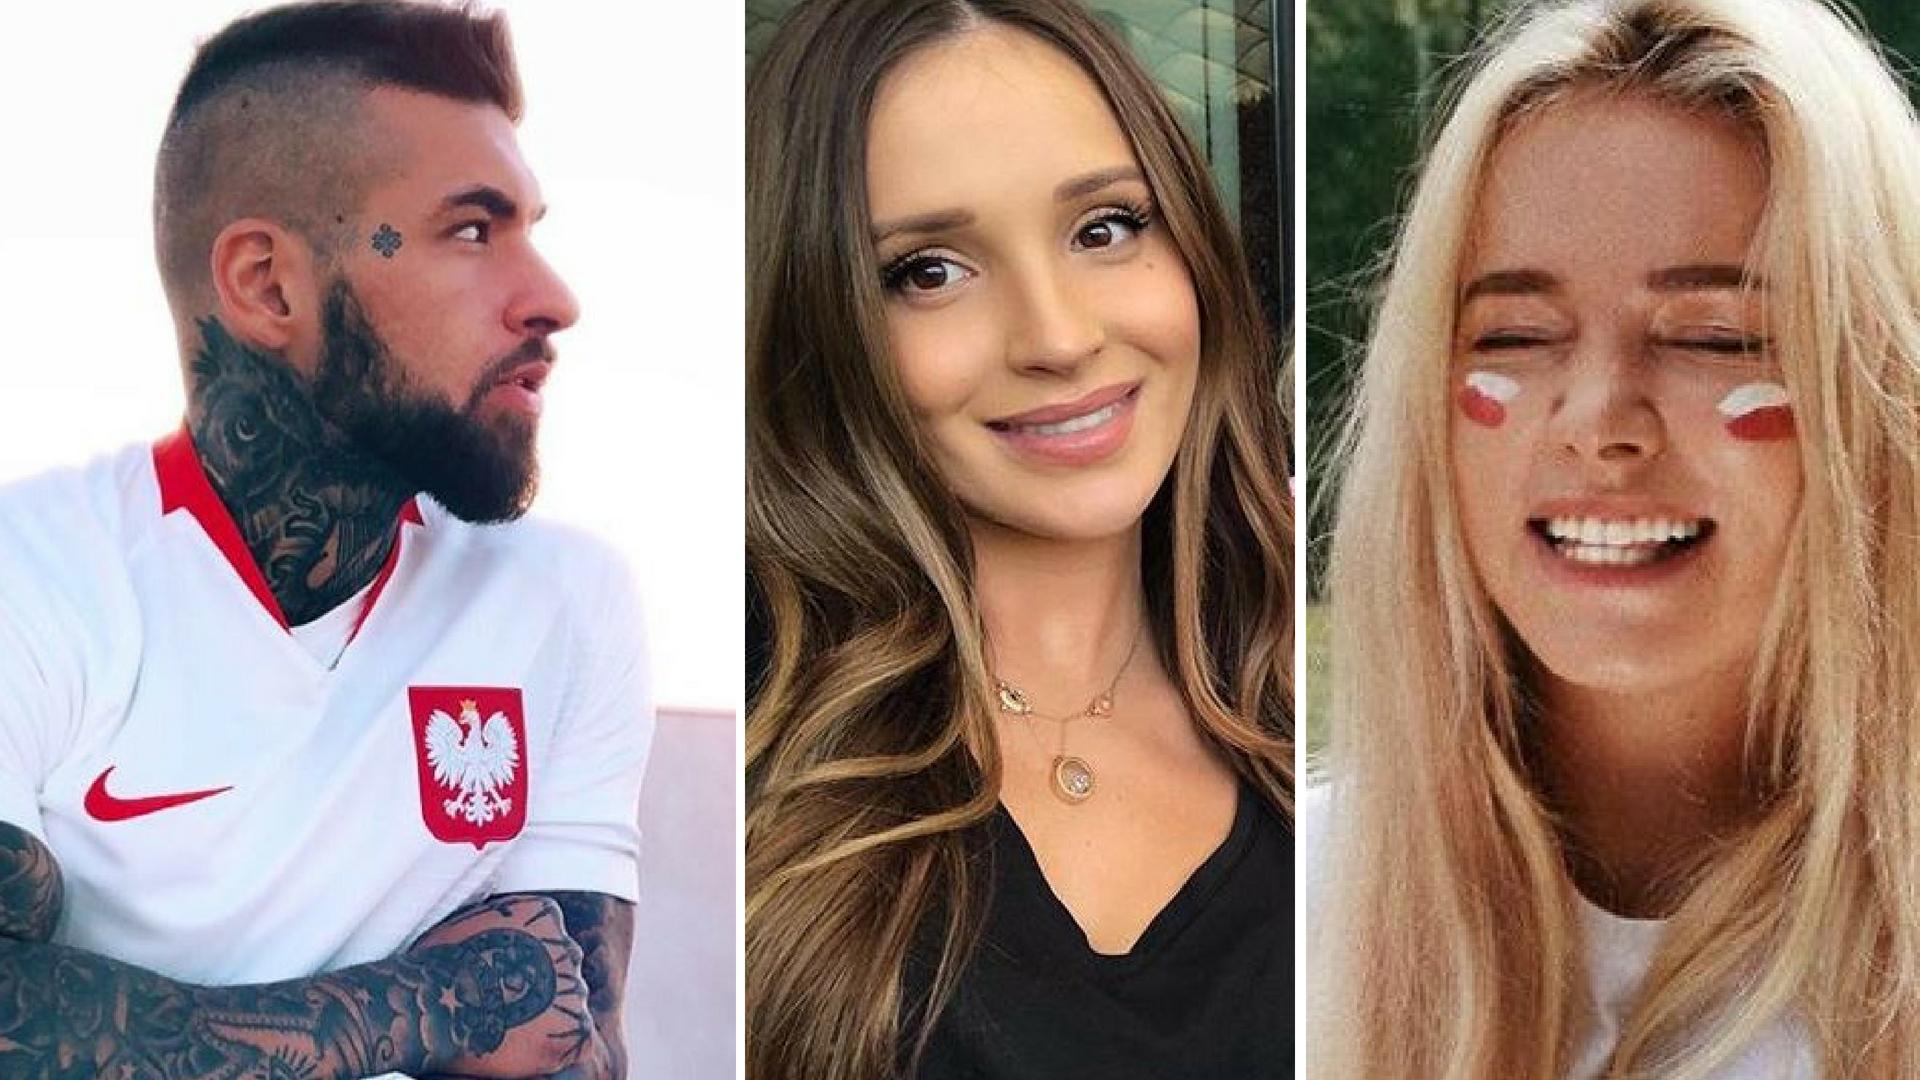 Te gwiazdy zabrały głos w sprawie hejtu na polską reprezentację!